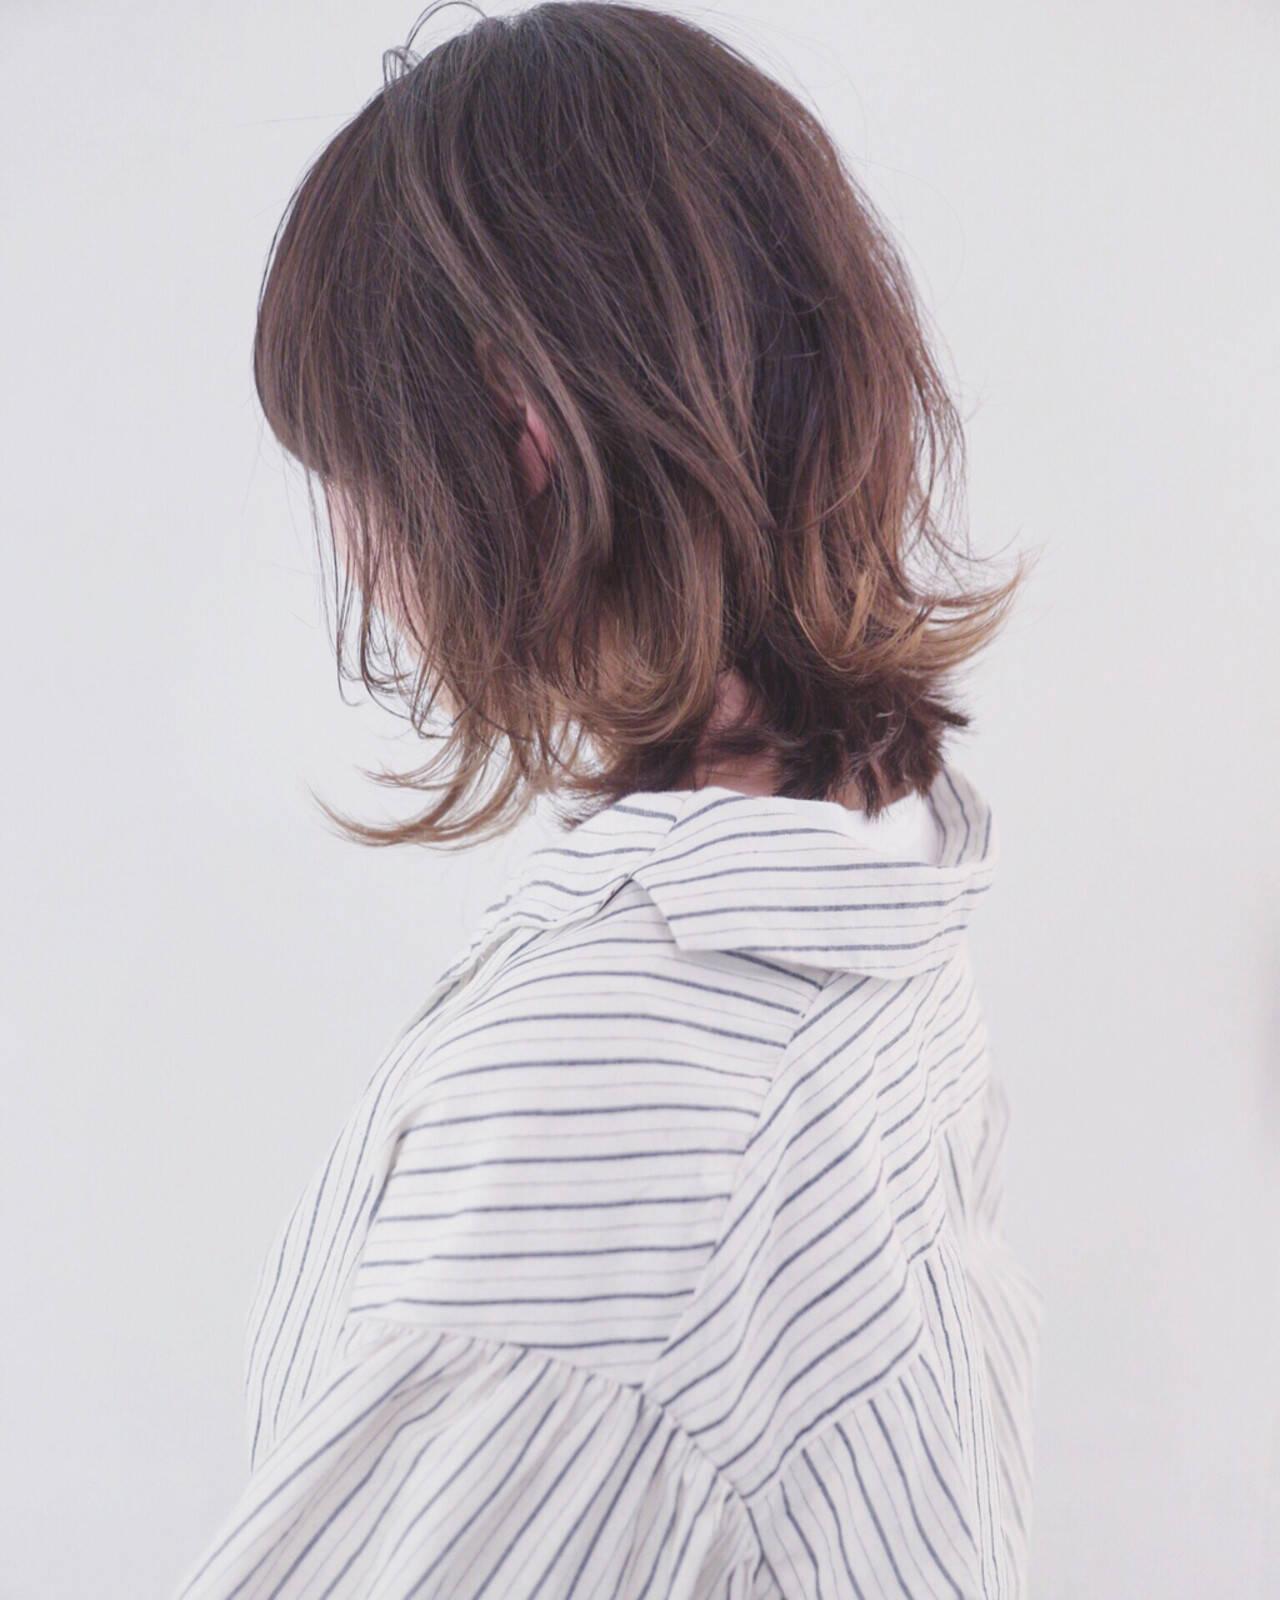 バレイヤージュ グラデーションカラー 透明感 外国人風カラーヘアスタイルや髪型の写真・画像